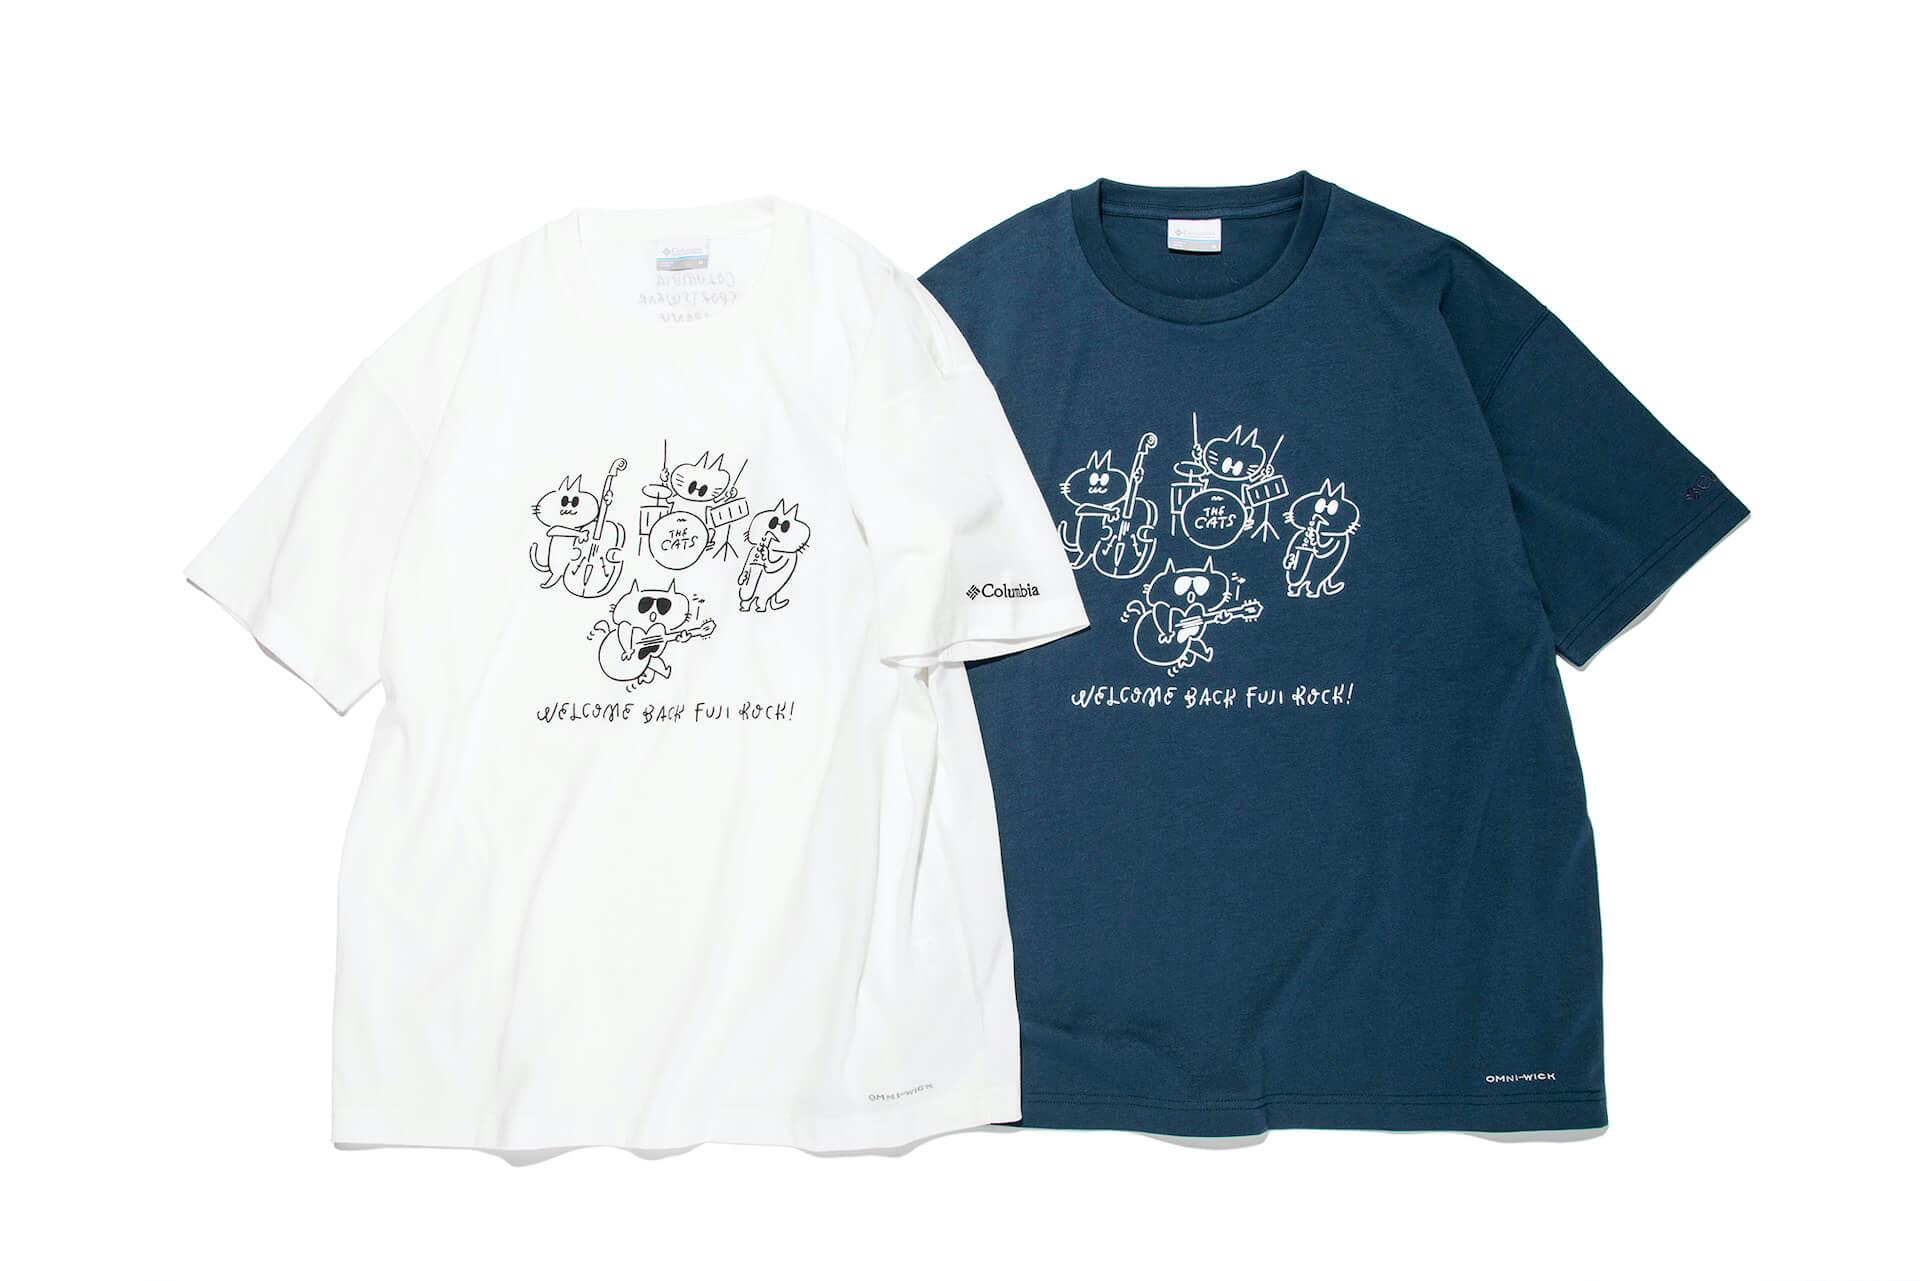 フジロック'21×ColumbiaコラボレーションTシャツが発売決定!長場雄「THE CATS」のイラストに注目 fation210611_FUJIROCK-nekoTshirt4